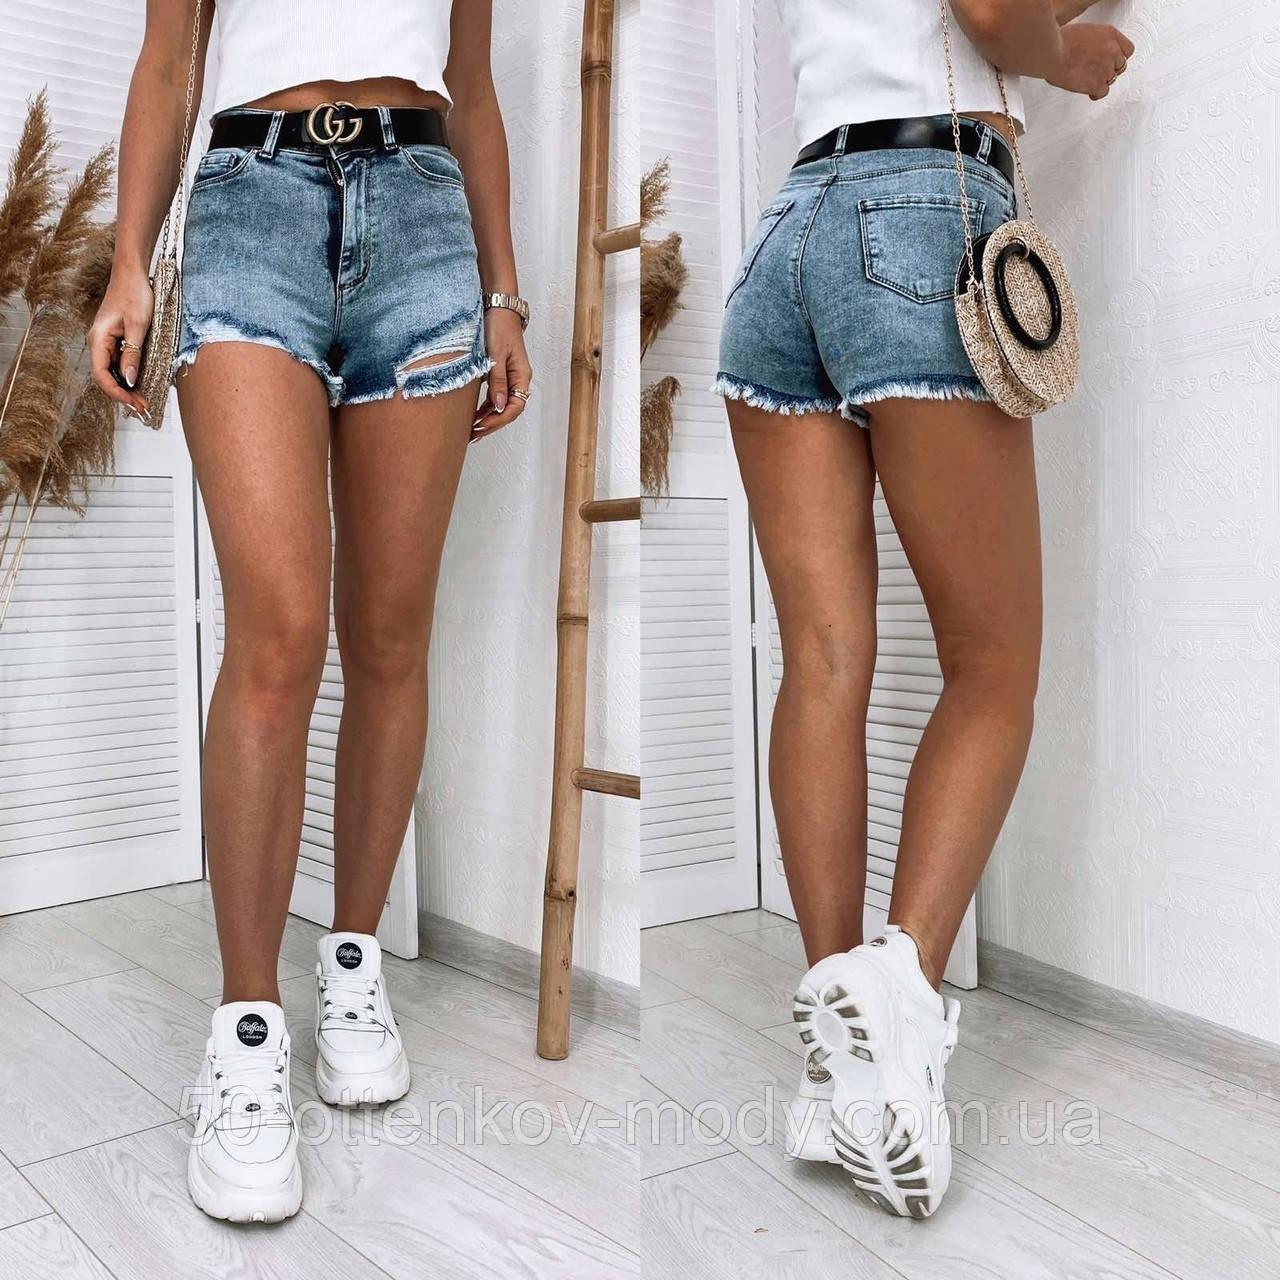 Жіночі джинсові шорти рвані стрейч джинс